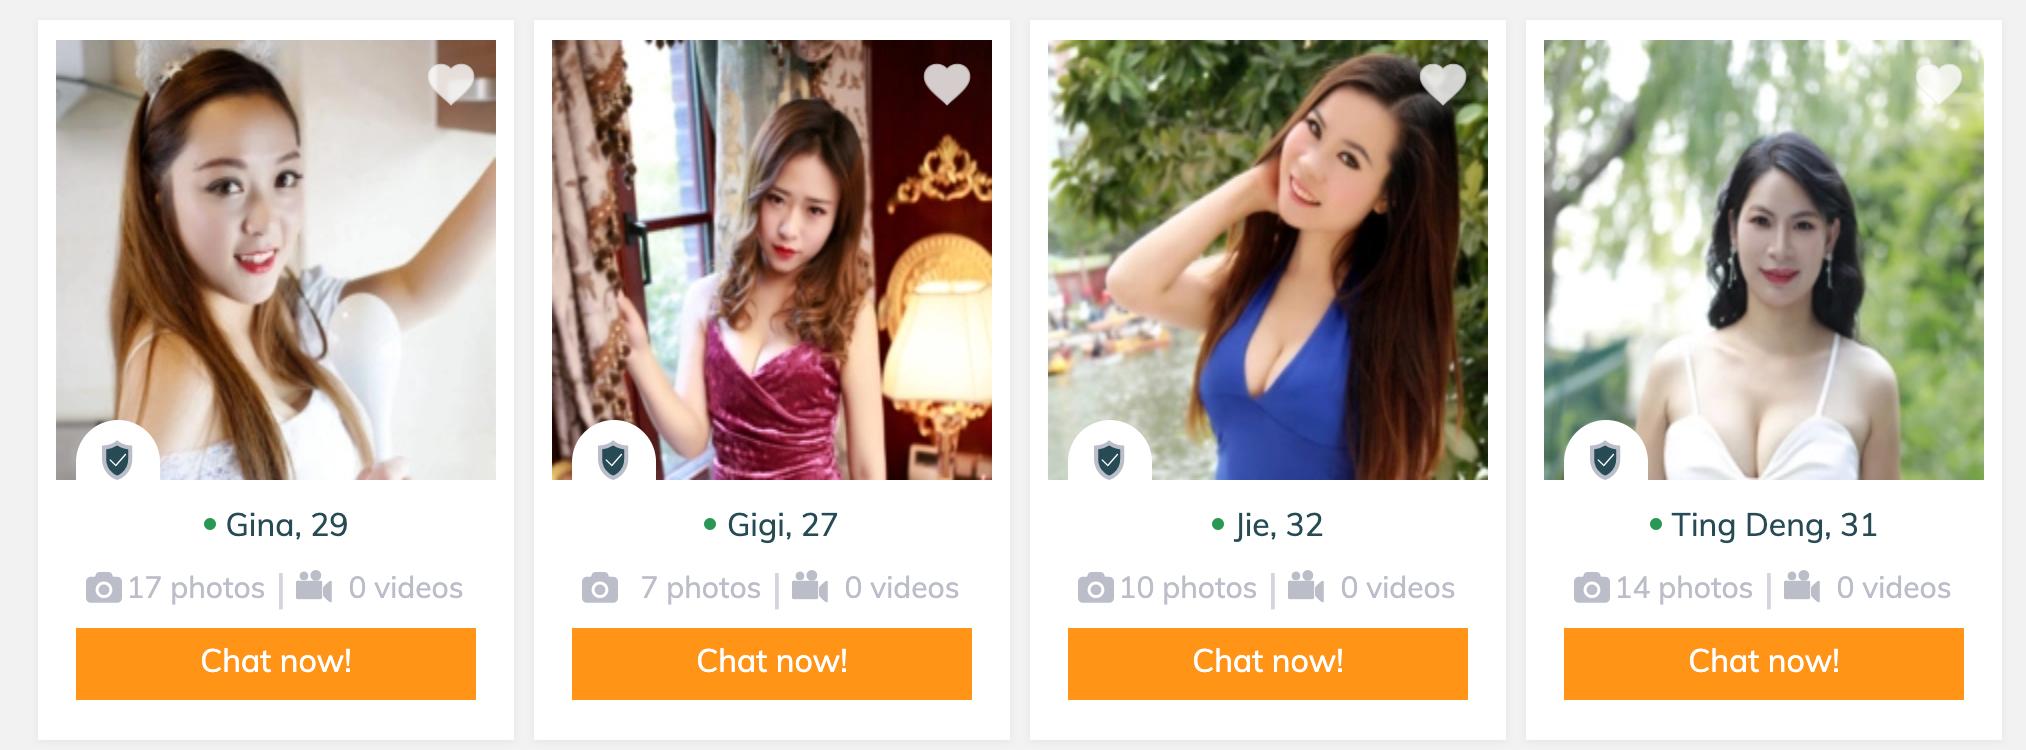 e-post på datingside